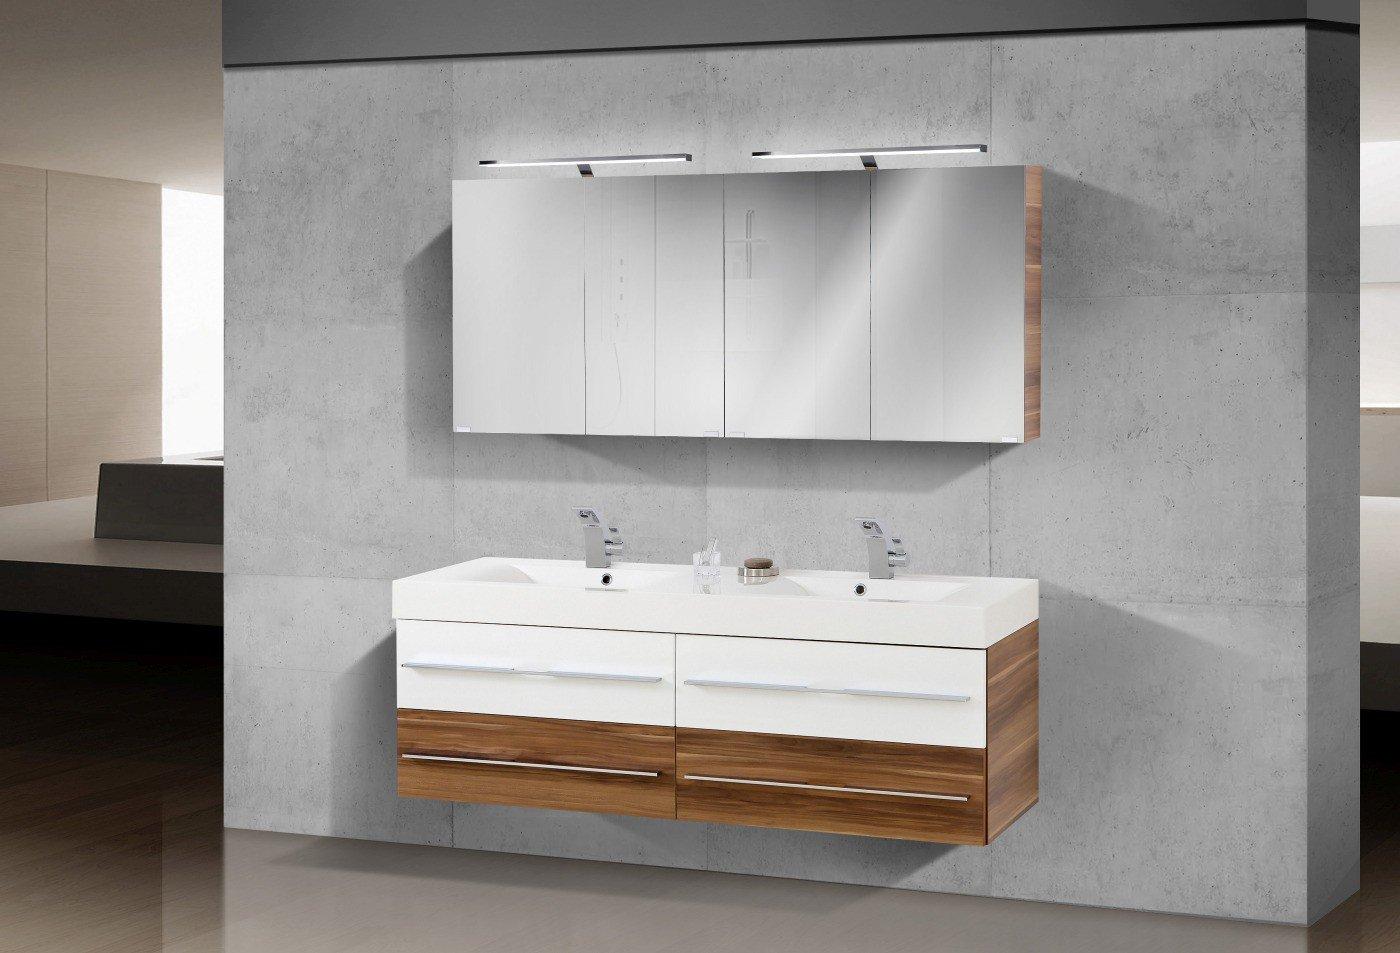 Badezimmermöbel Set mit Waschbecken und Doppelwaschtisch 160 cm